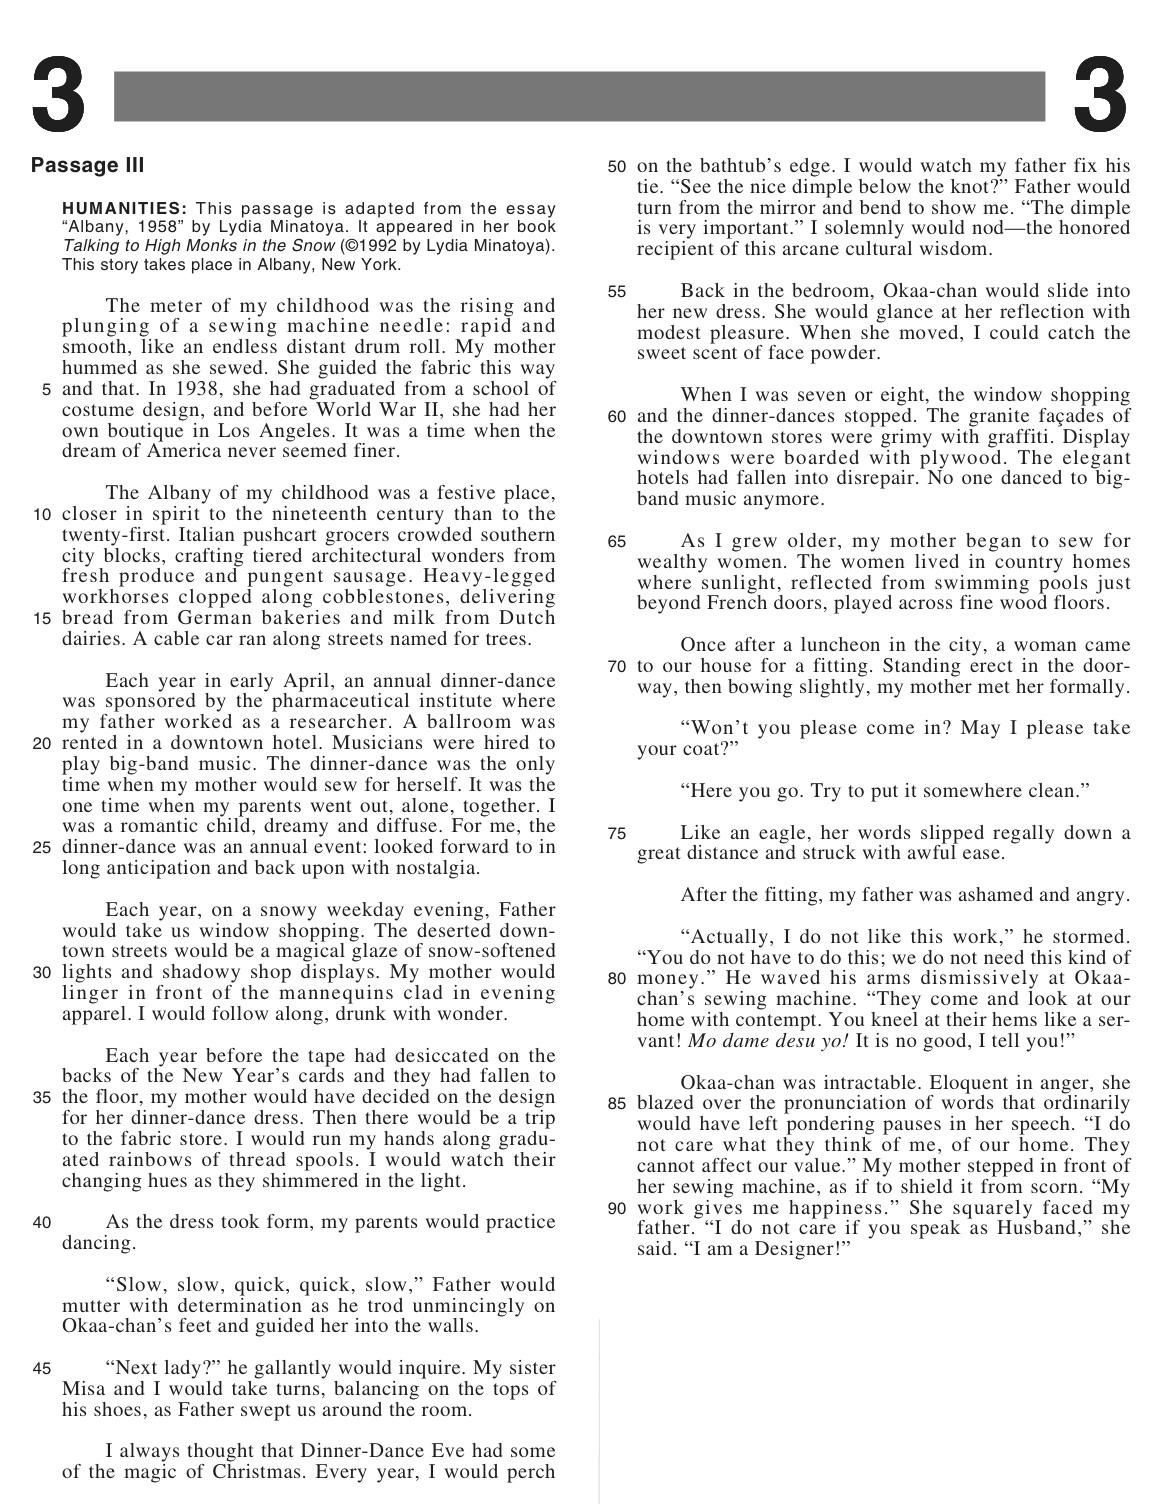 Worksheets Act Science Practice Worksheets act math worksheets printables free prep worksheet science practice phinixi com worksheets